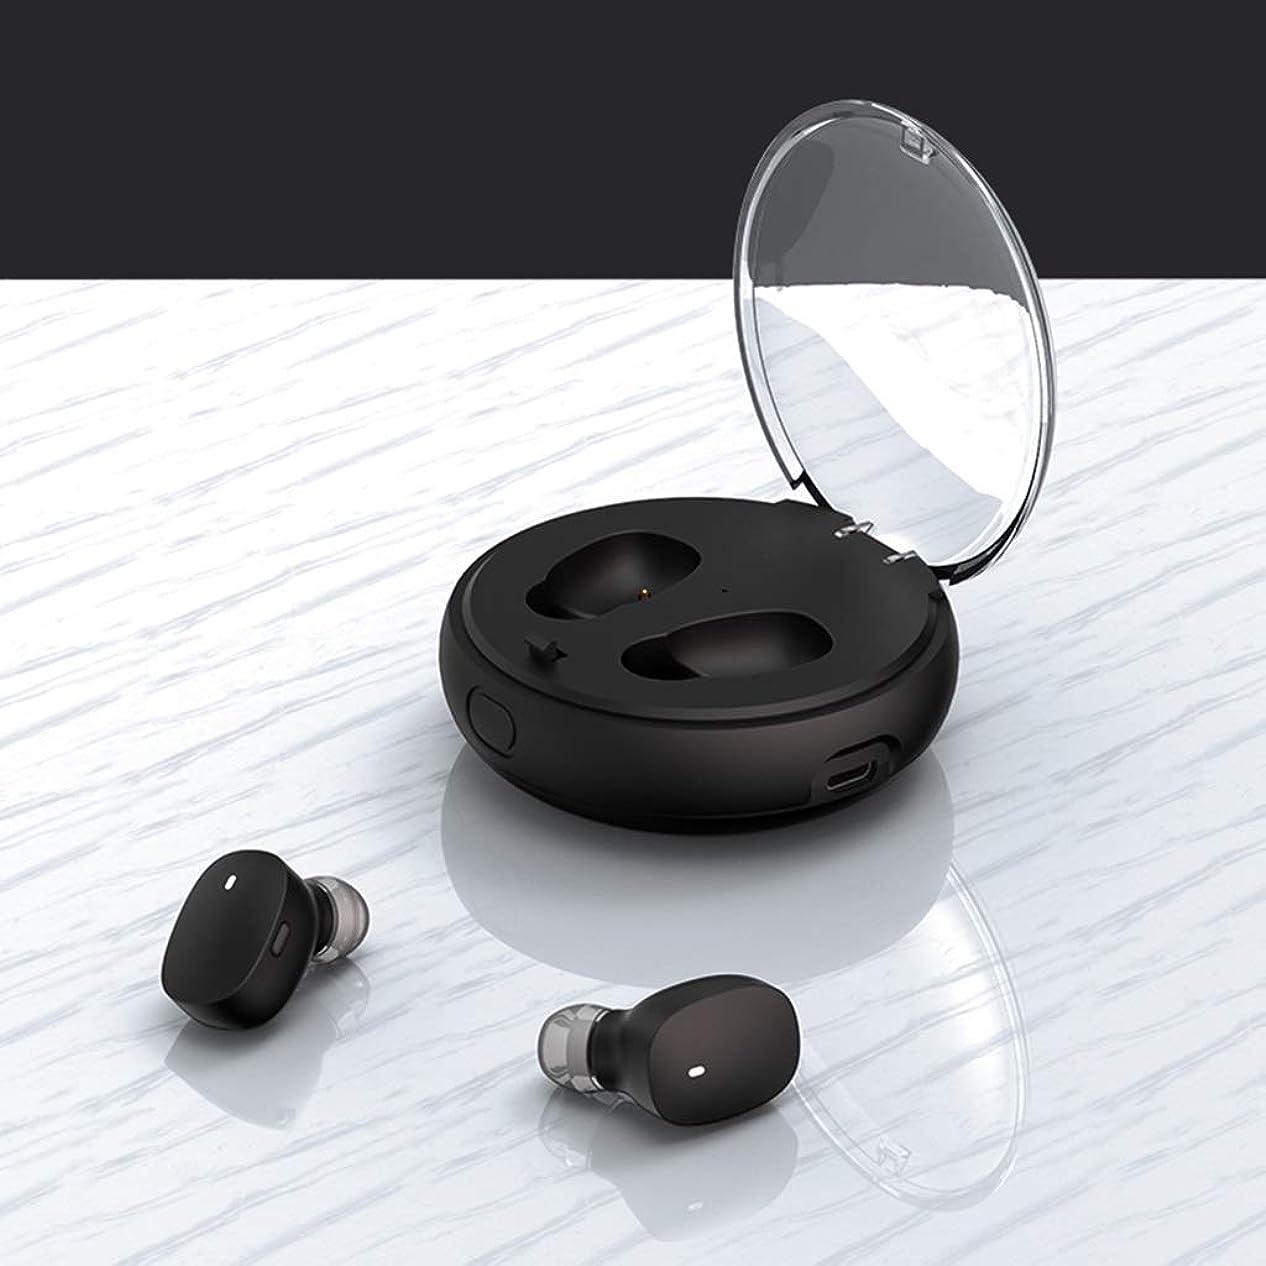 彼自身アナリストフェザーBBJOZ ワイヤレスBluetoothヘッドセット、マイクバイノーラルコールを備えた6DステレオサウンドエフェクトとBluetoothイヤフォンの自動ペアリング Bluetoothヘッドセット (Color : Black)